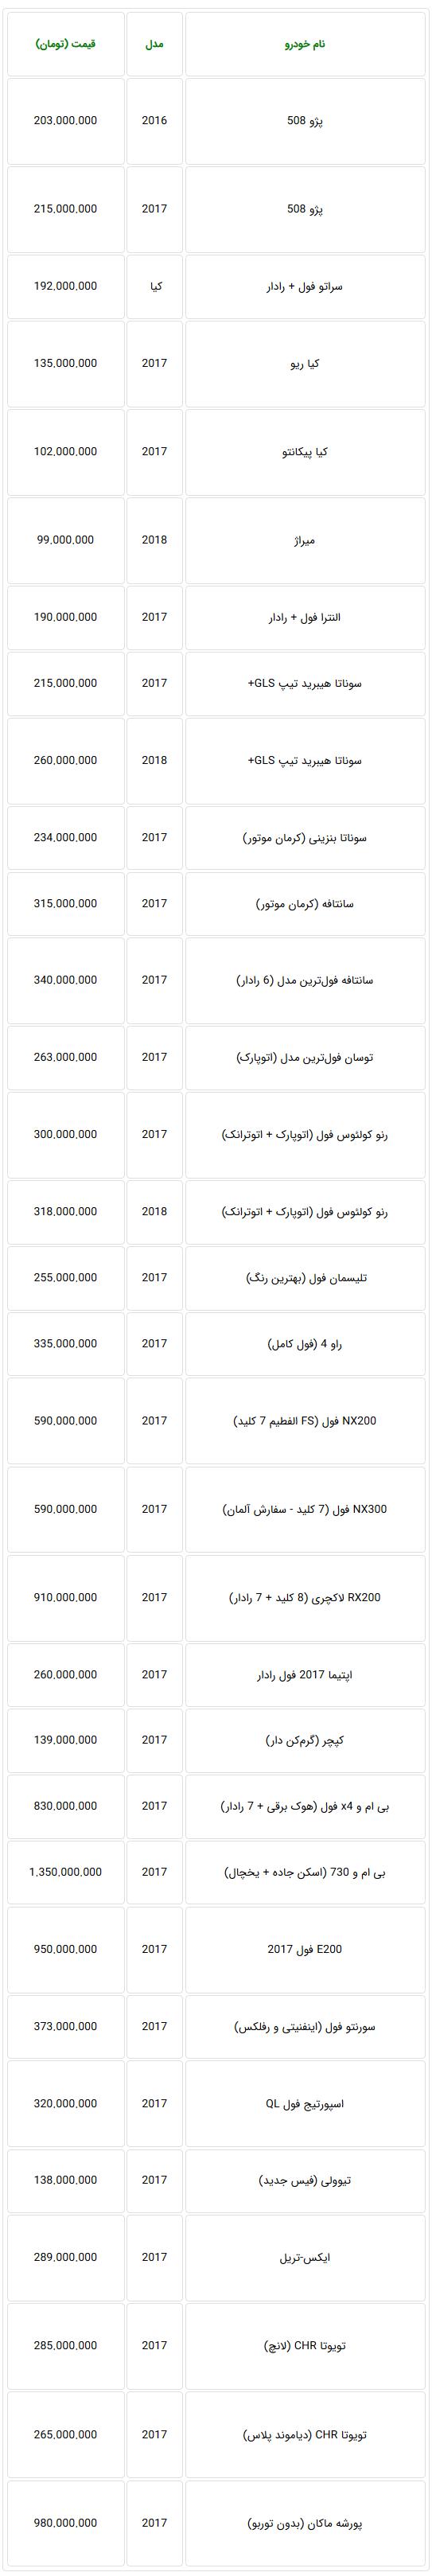 فروش خودروهای وارداتی در بازار به صفر نزدیک شد + جدول قیمت